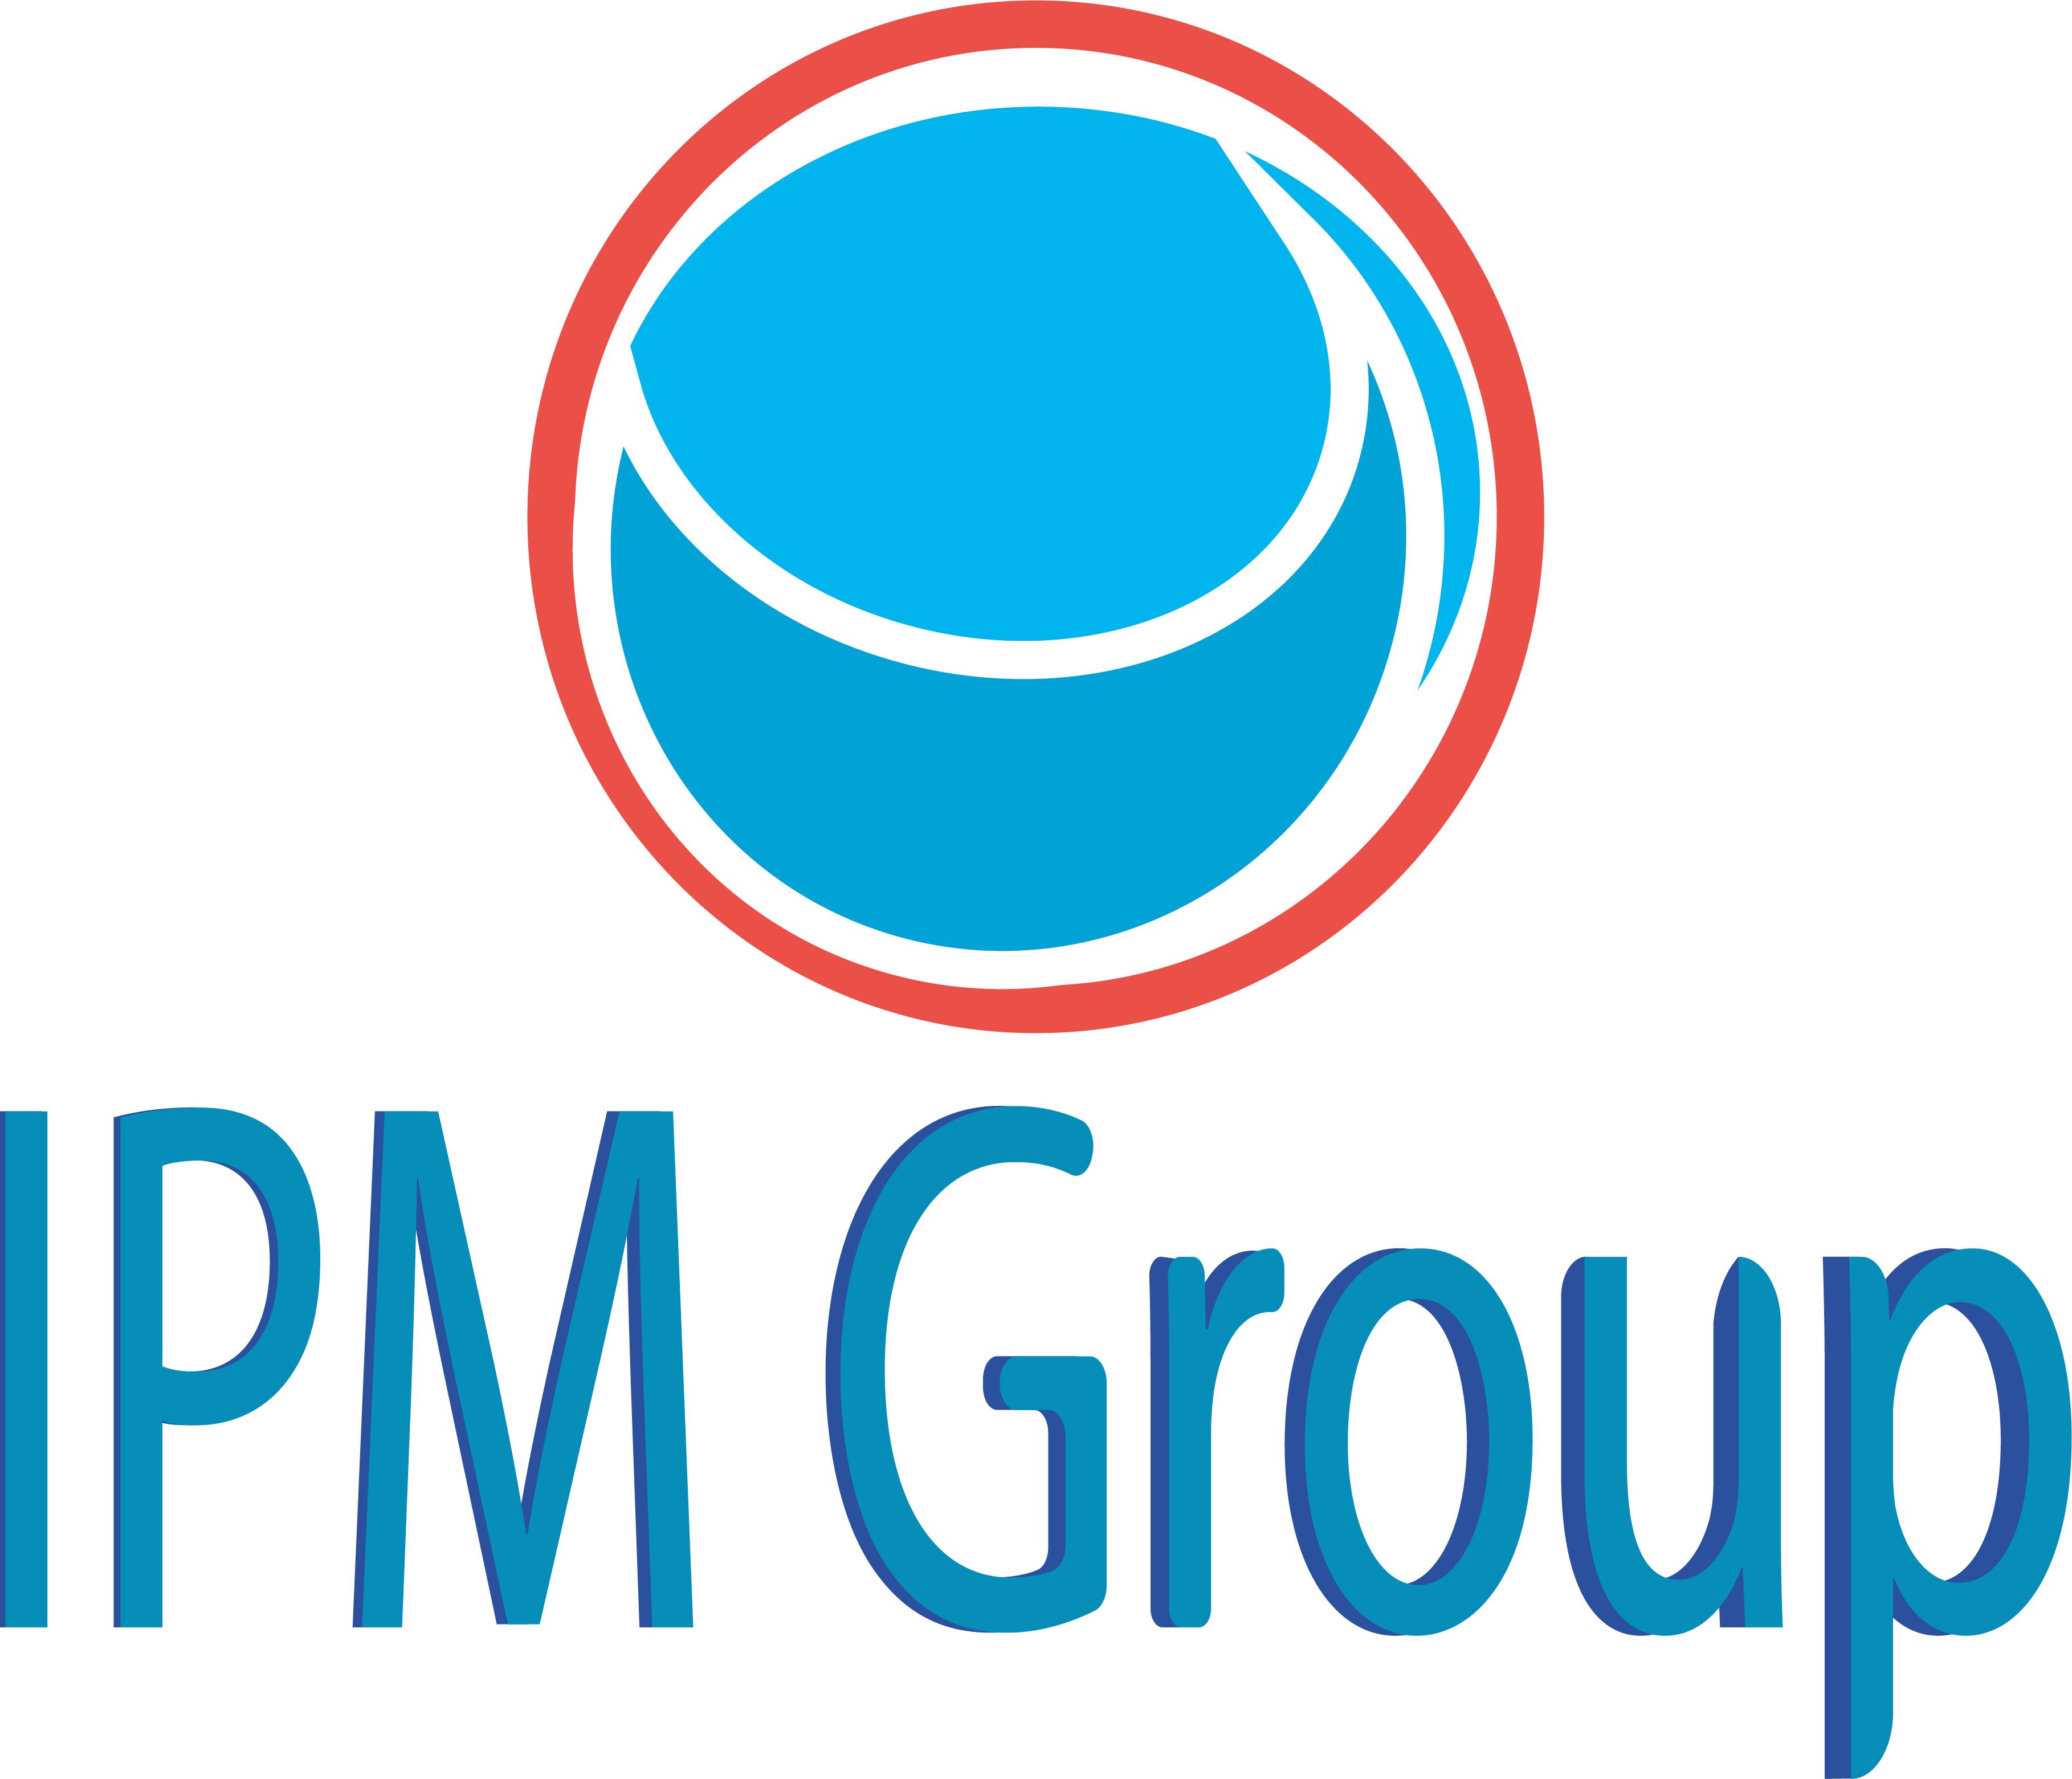 Разработка логотипа для управляющей компании фото f_4125f84b24d8e73e.png